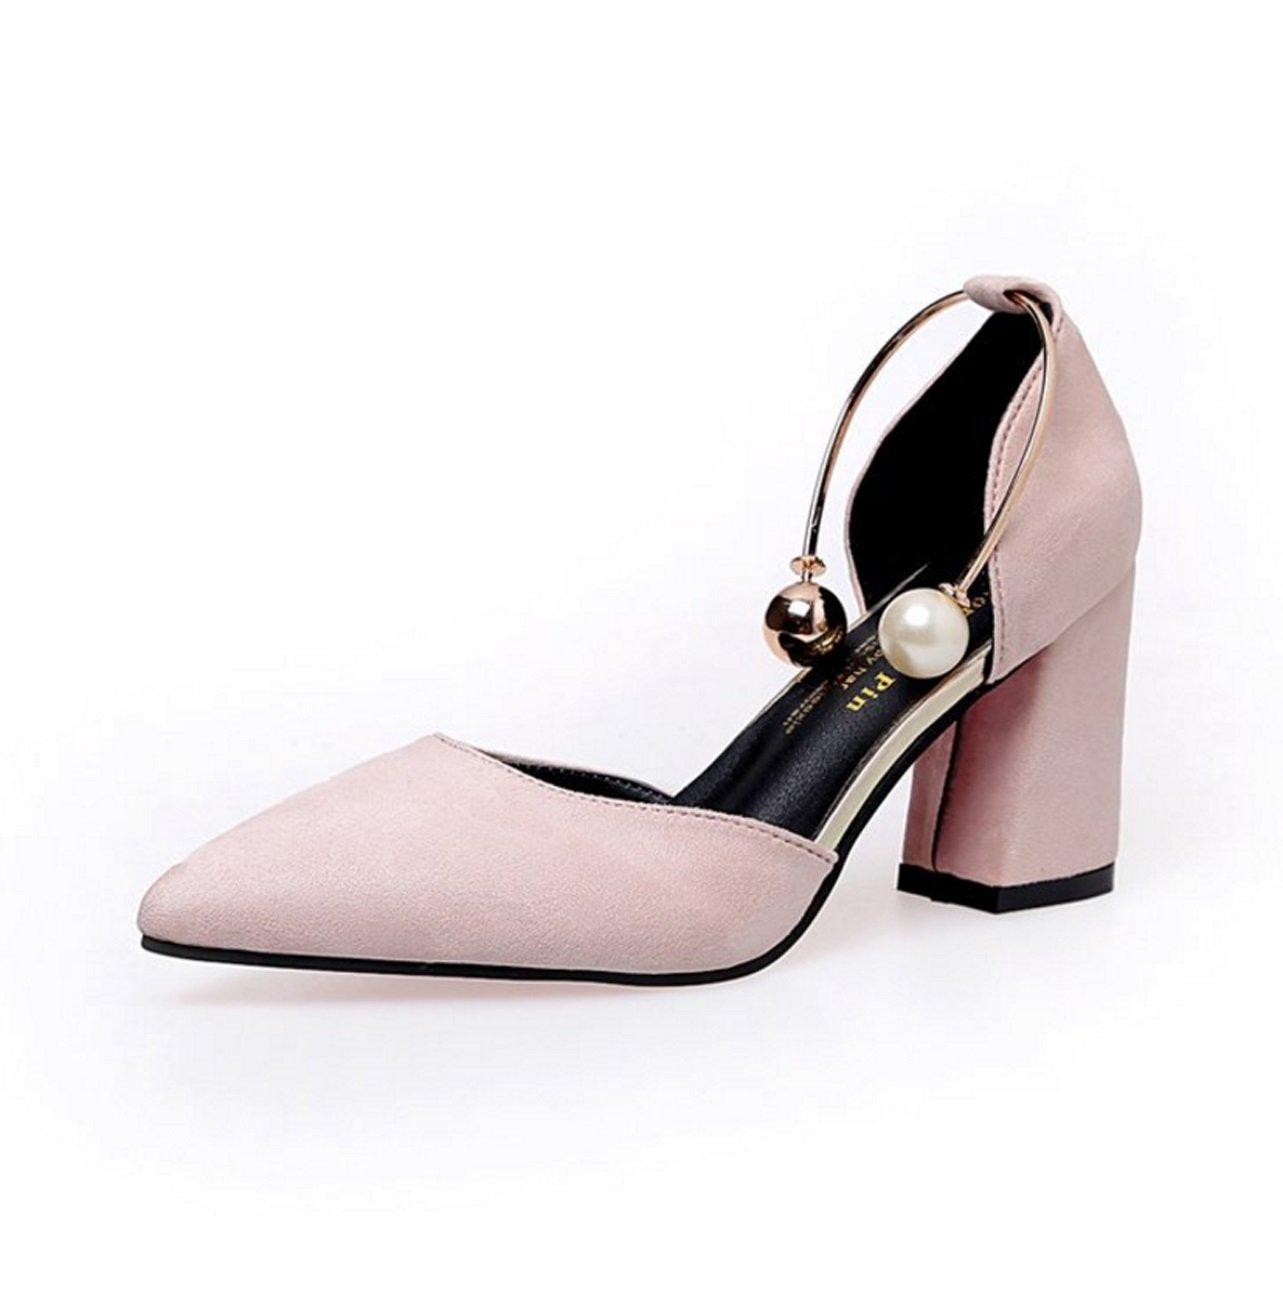 Scarpe da donna in pelle PU Summer Basic Pump Heel Casual Nero Beige rosa Wine Red Burgundy ( Color : Red wine , Dimensione : 37 )